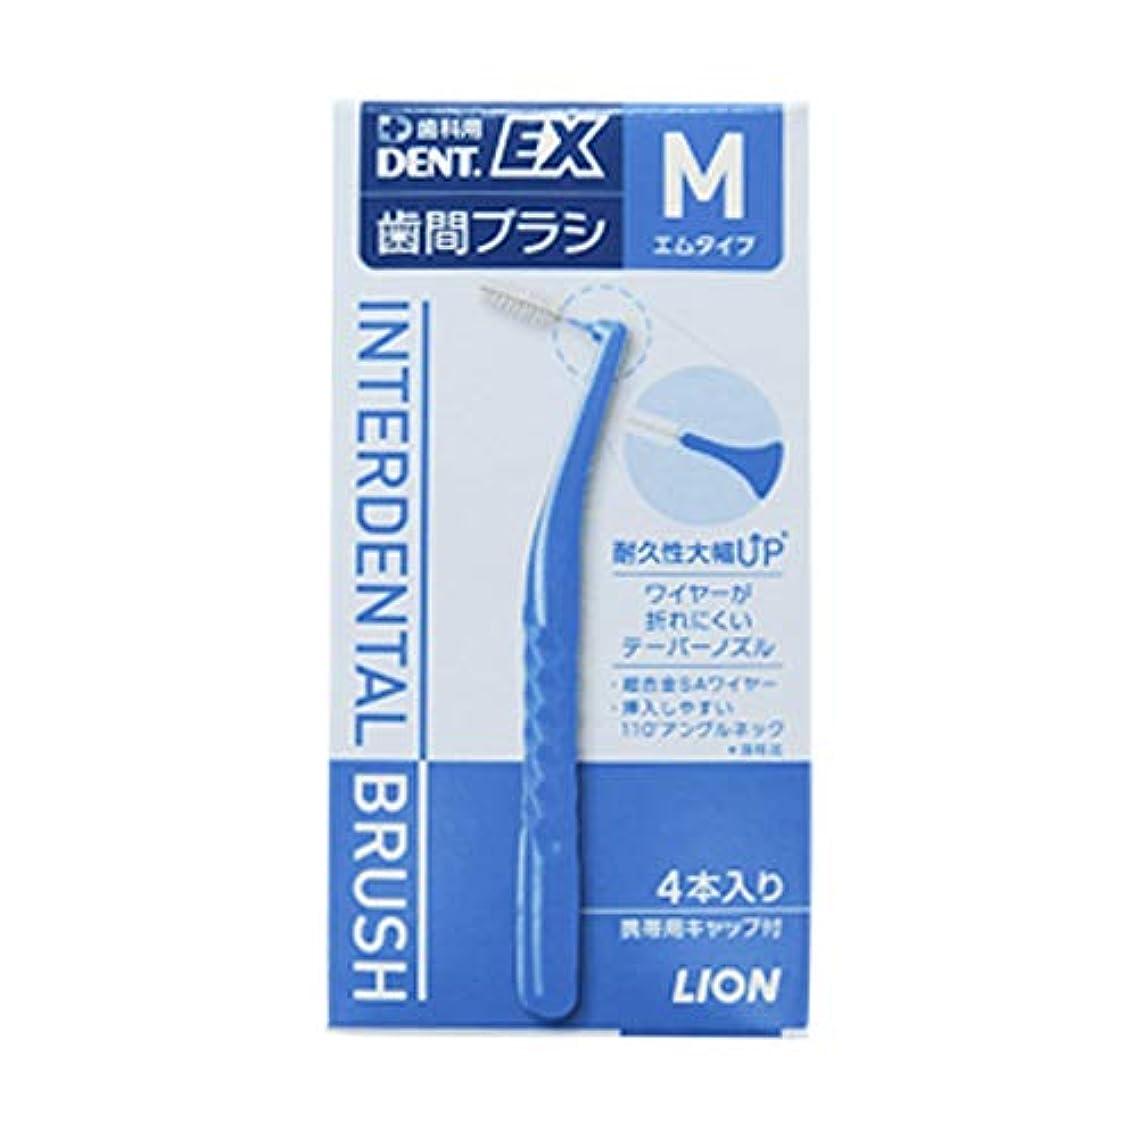 ソケットシリアルこのライオン DENT.EX 歯間ブラシ 4本入 M (ブルー)